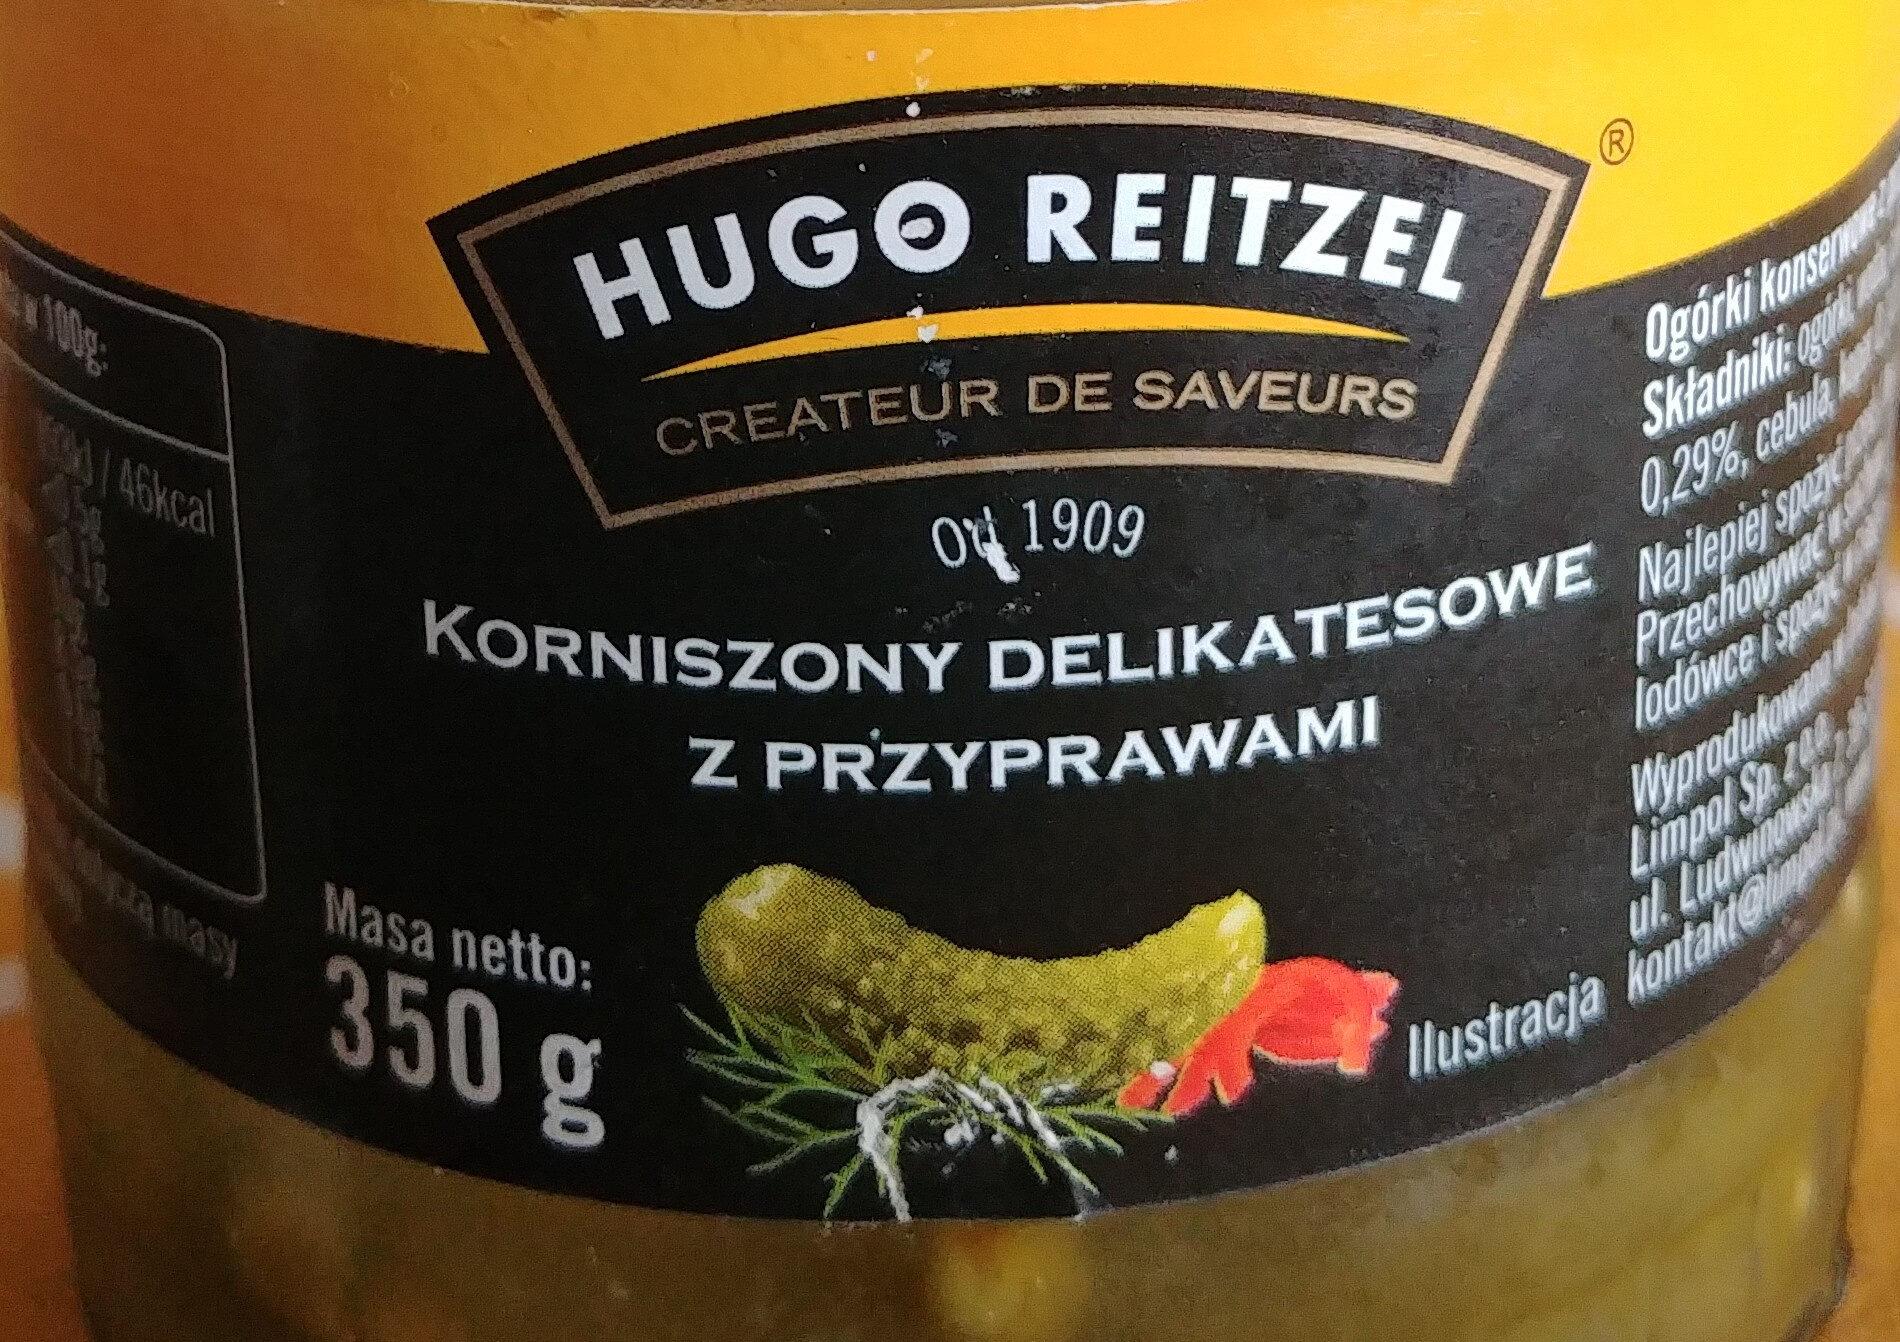 Korniszony delikatesowe z przyprawami - Produkt